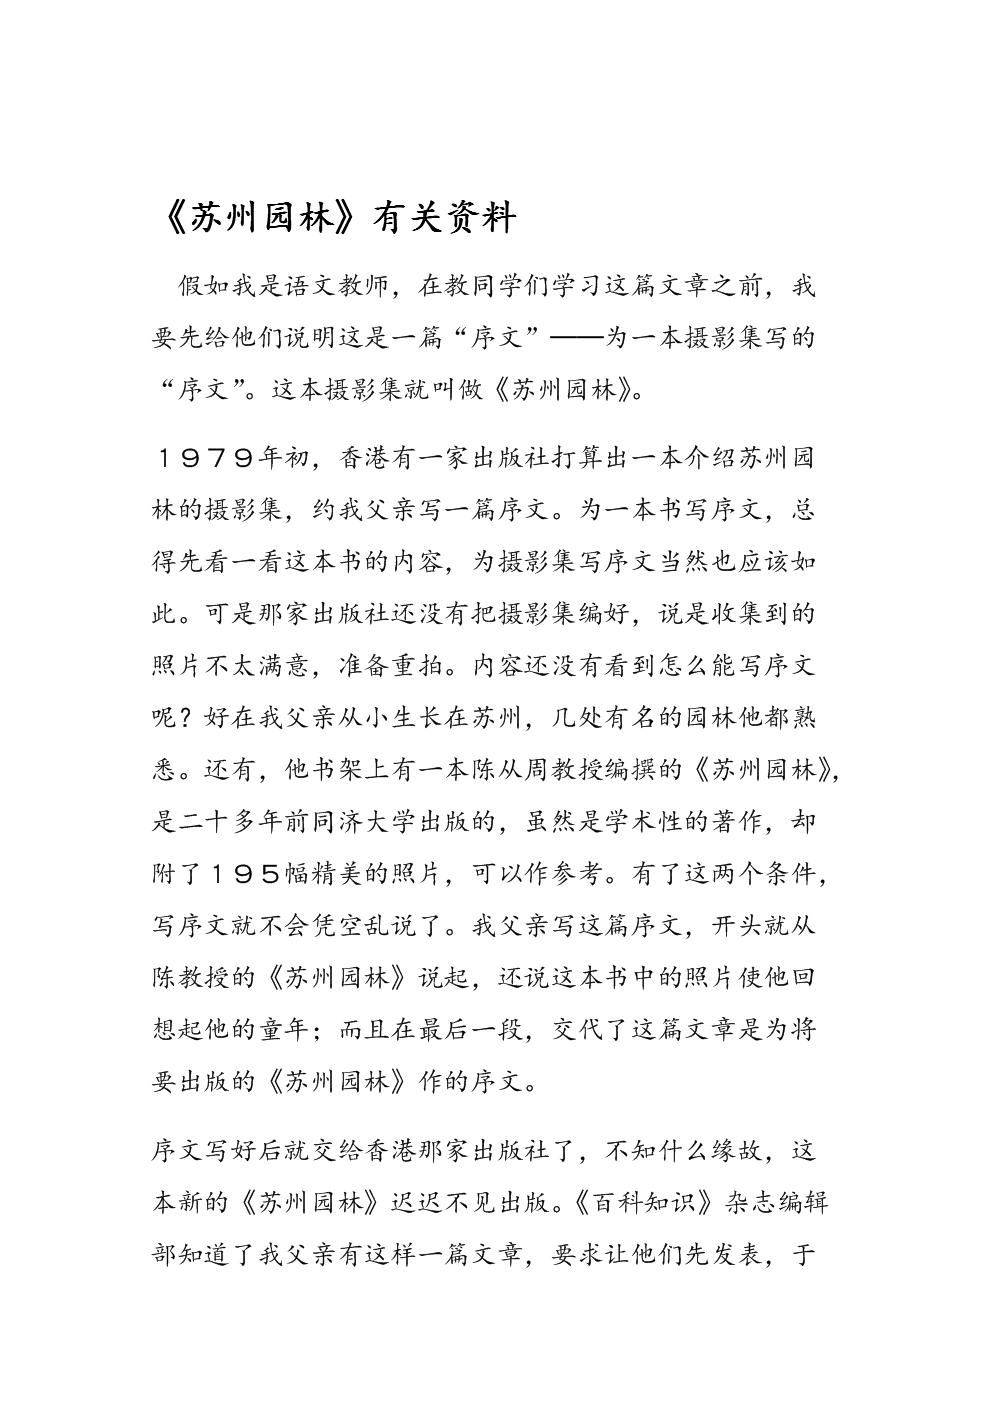 苏州园林有关资料.doc